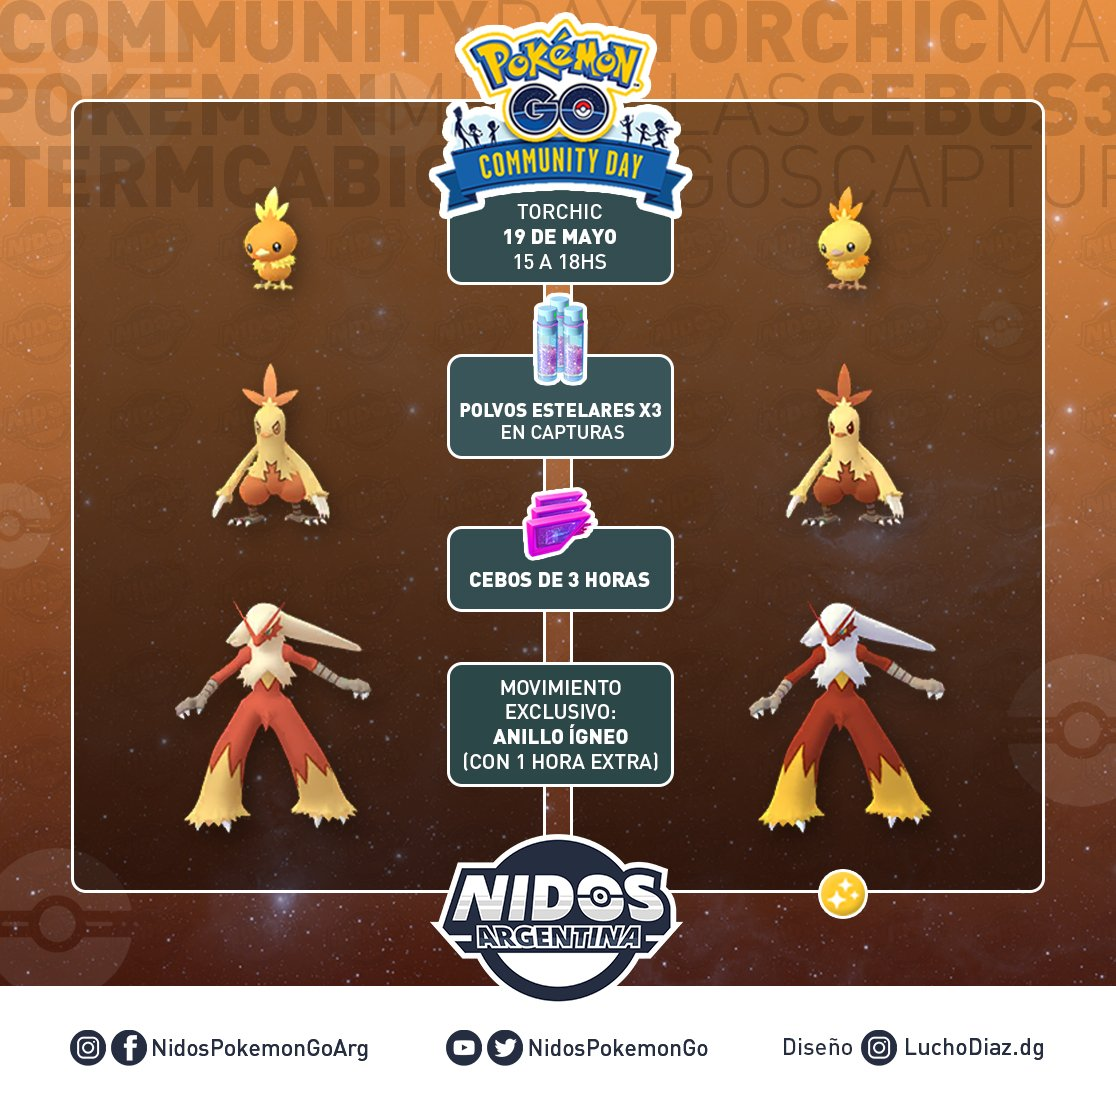 Imagen de todo lo que tendrá el Día de la Comunidad de Mayo 2019 hecho por Nidos Pokémon GO Argentina